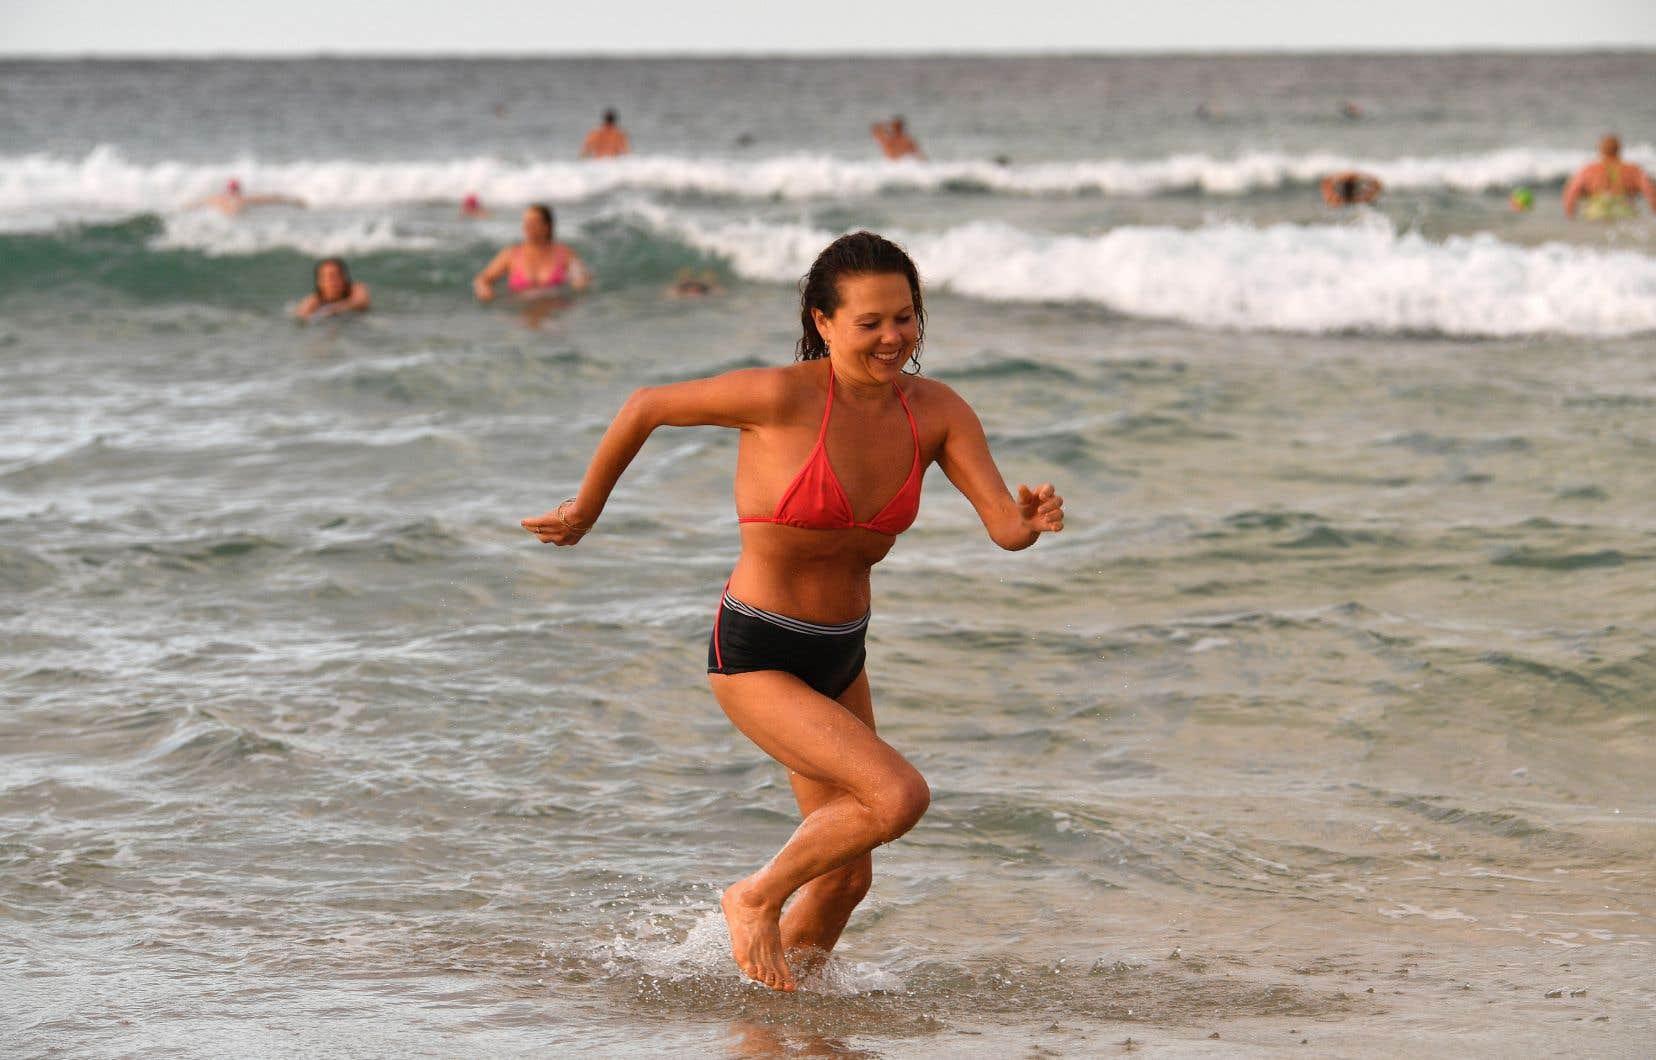 En Australie, les citoyens ont de nouveau accès aux plages depuis quelques jours, après cinq semaines de confinement.